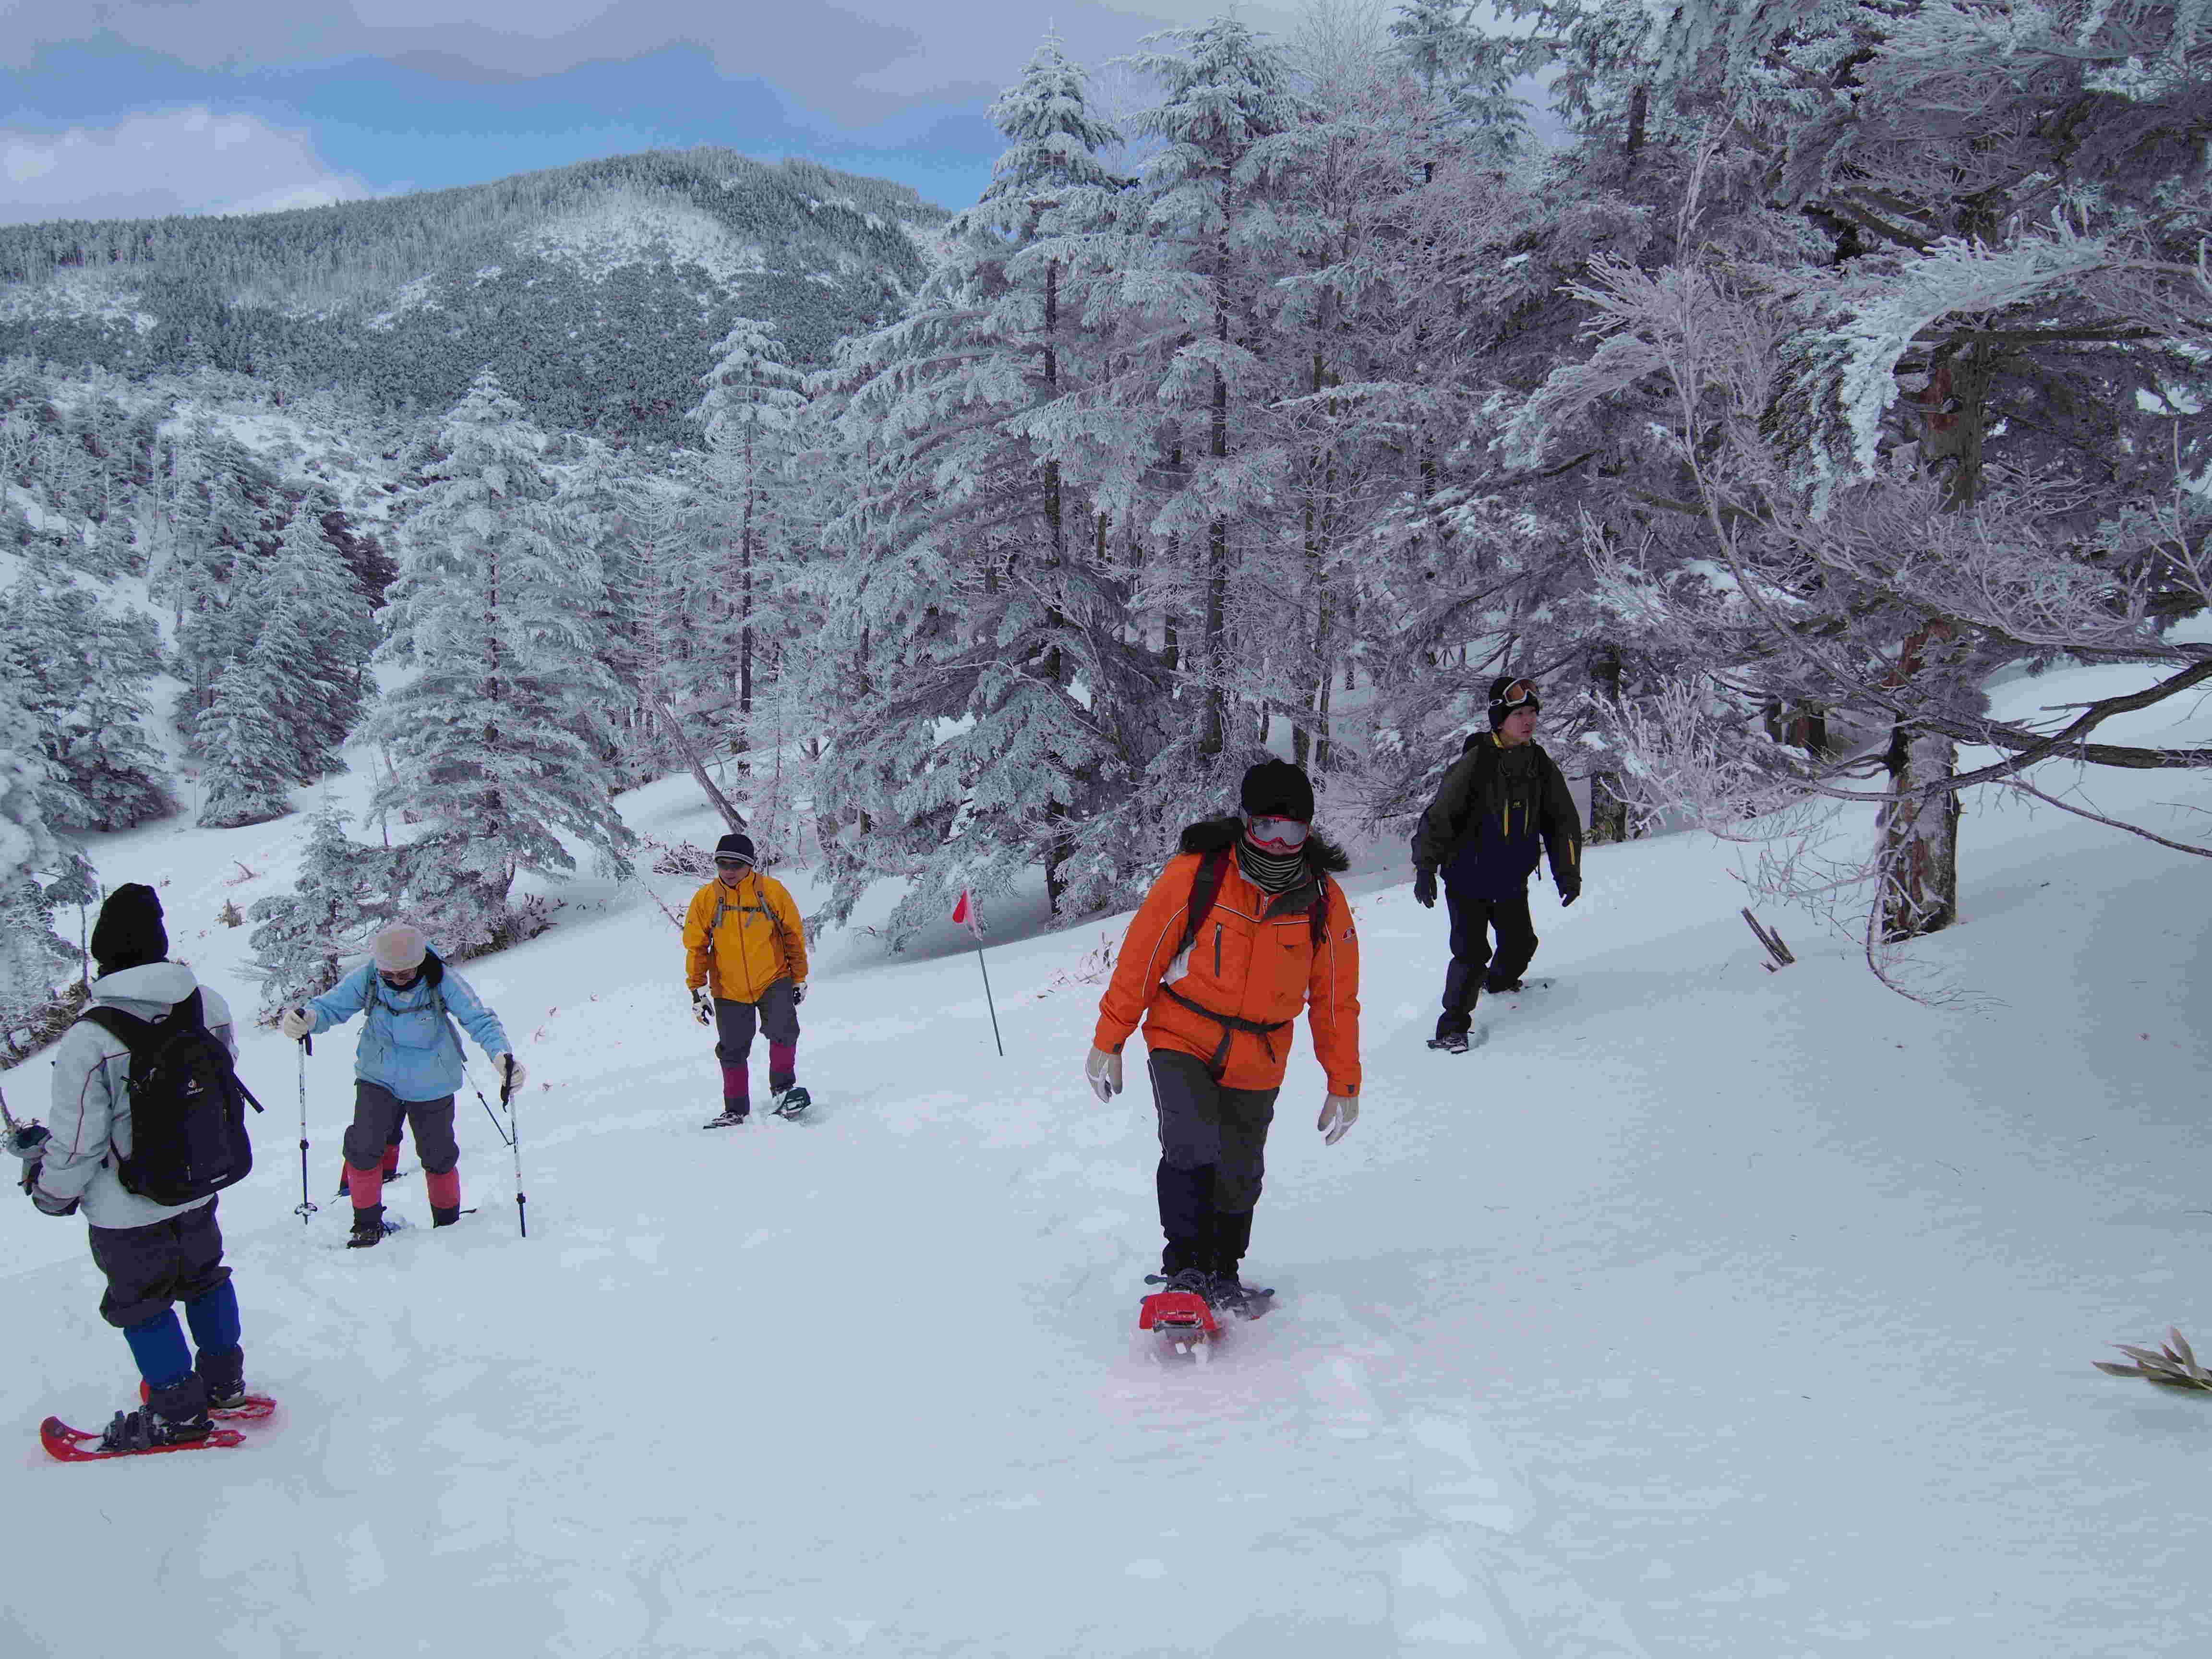 新しい冬の楽しみ方『八ヶ岳でスノーシュー』大人のスノーシュー1日コース『冬のピクニック』